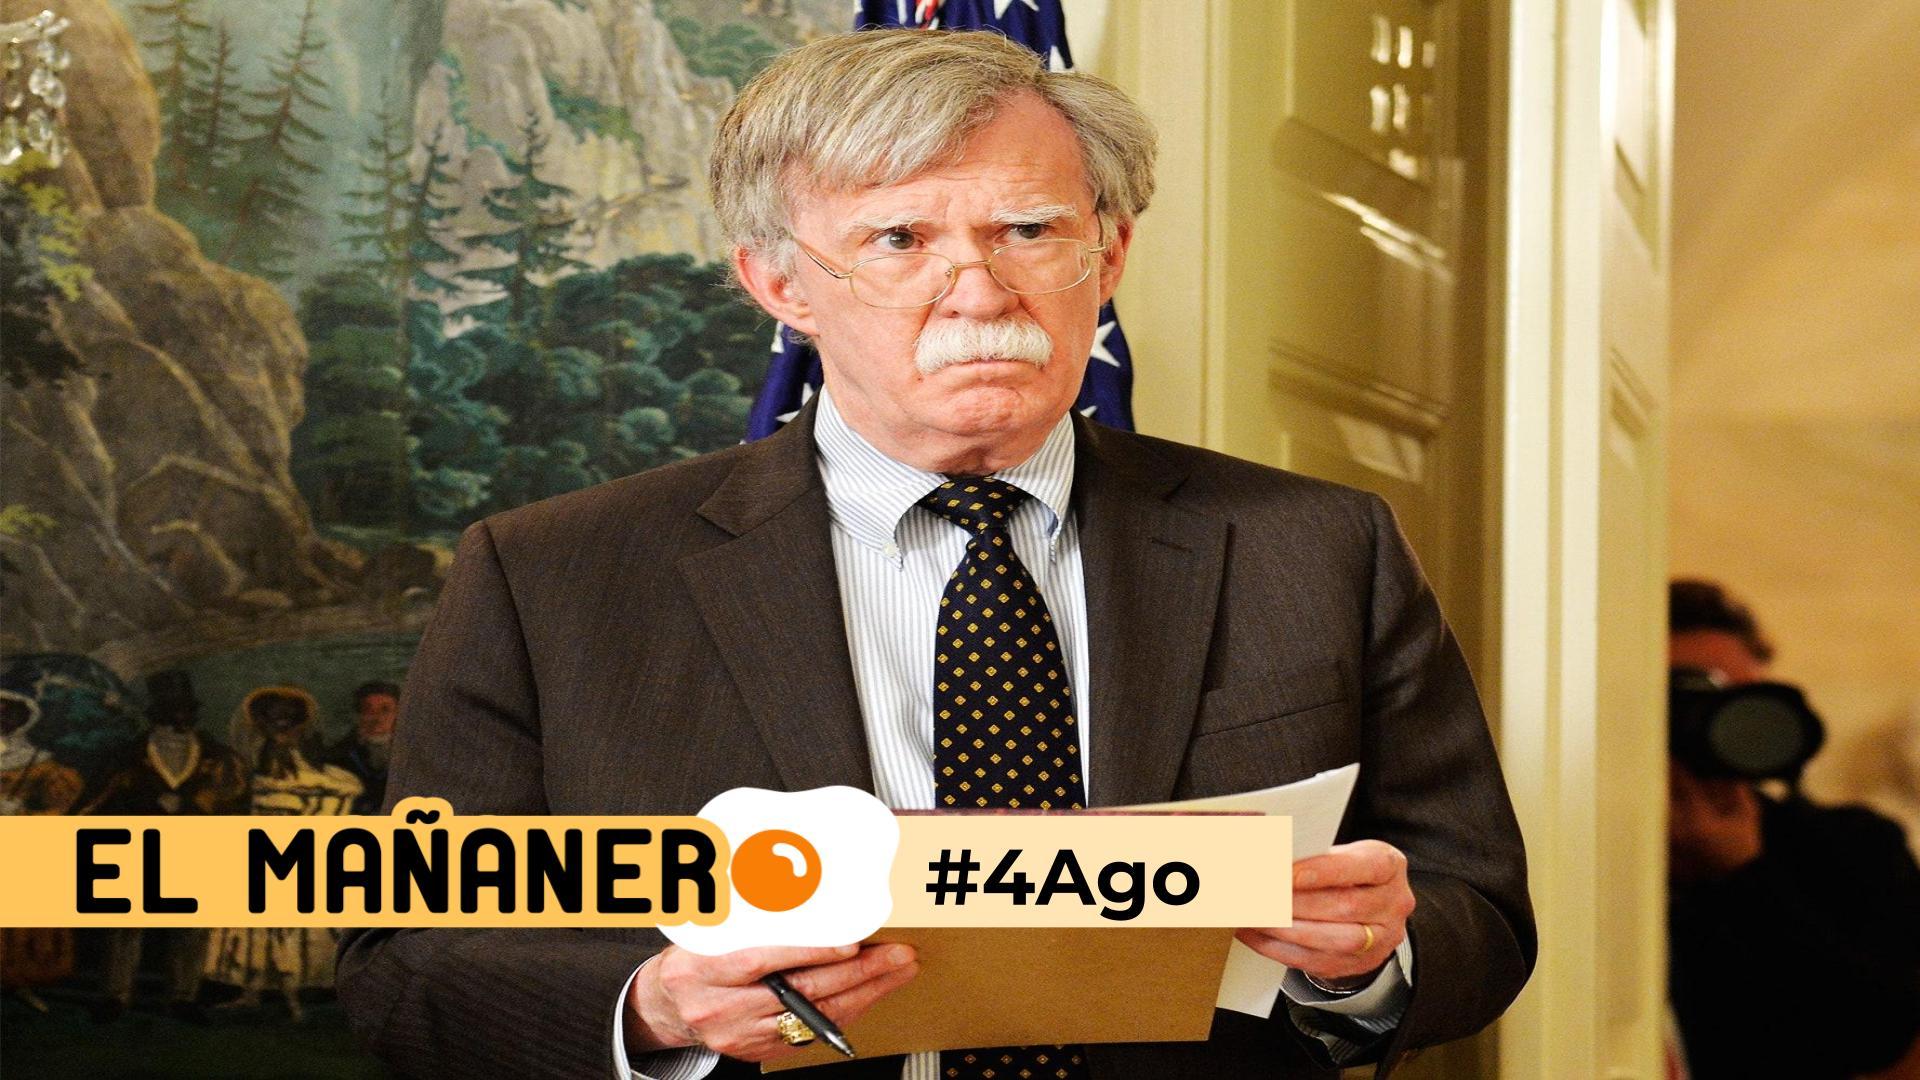 El Mañanero de hoy #4Ago: Las 8 noticias que debes saber